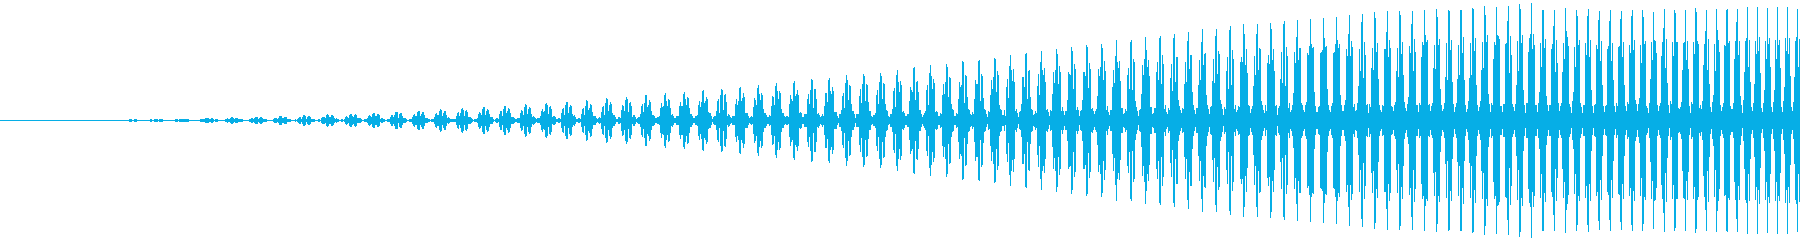 ヒュイ(スワイプ、フリック系の音)の再生済みの波形